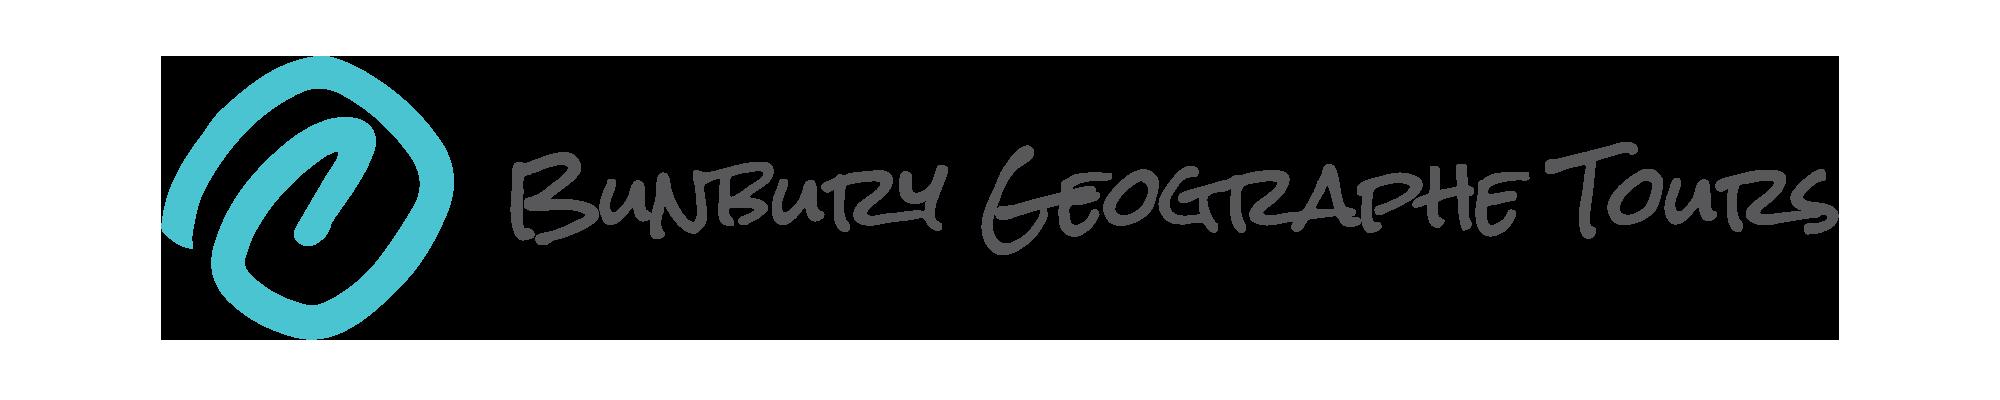 Bunbury Geographe Tours